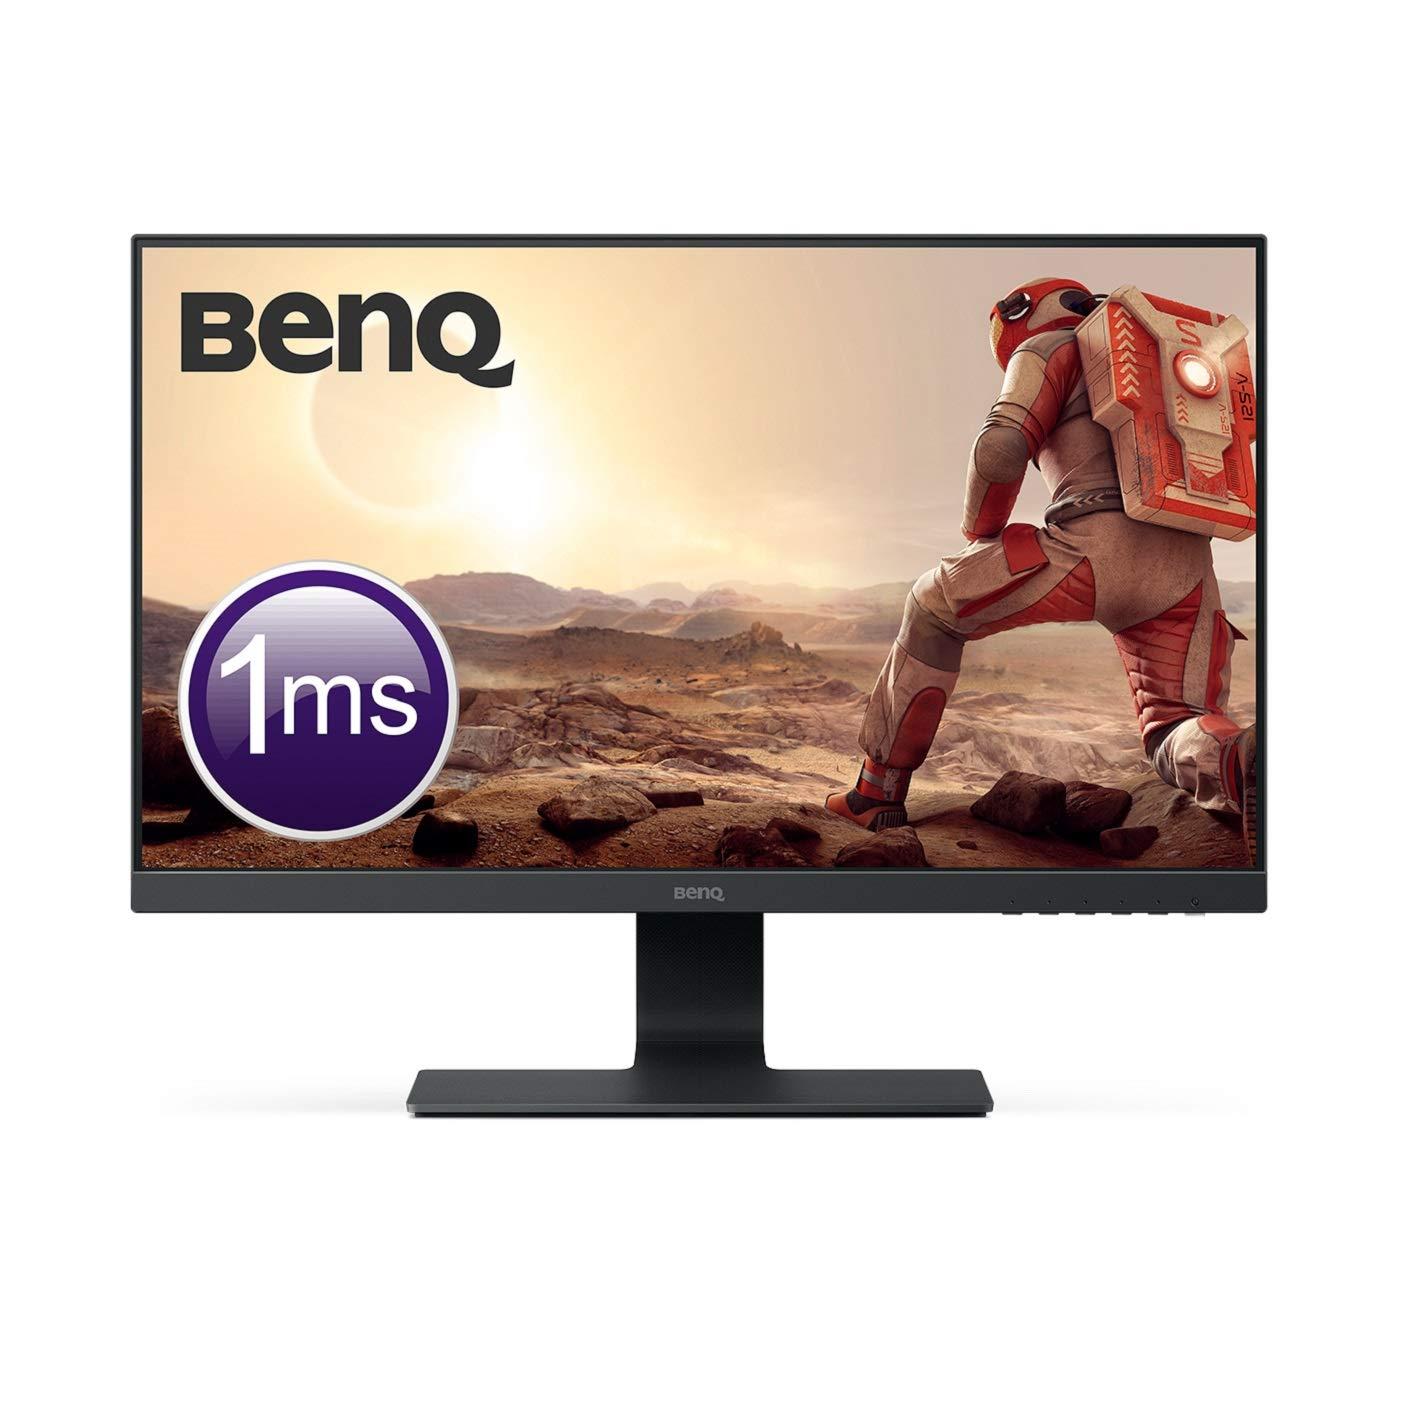 BenQ GL2580HM Écran Gaming de 24.5 pouces, FHD 1080p, 1ms, Eye care, HDMI, Haut-parleurs product image